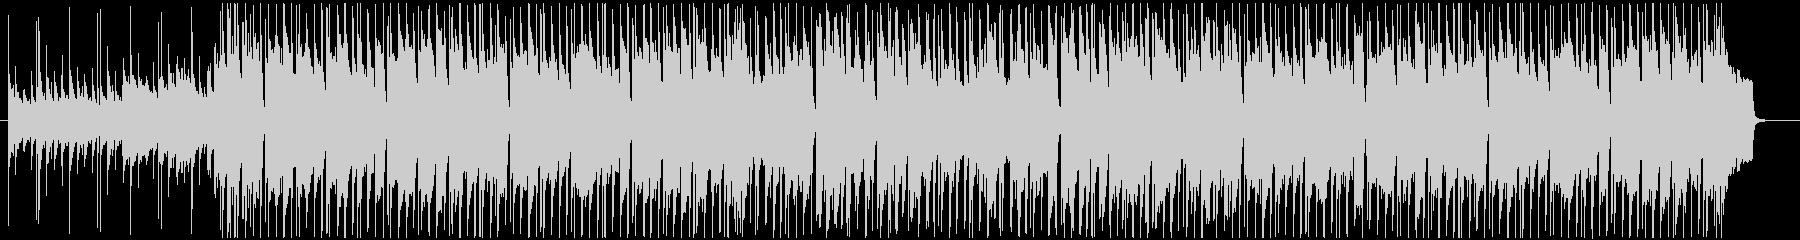 ほのぼのした日常感のあるポップスBGMの未再生の波形